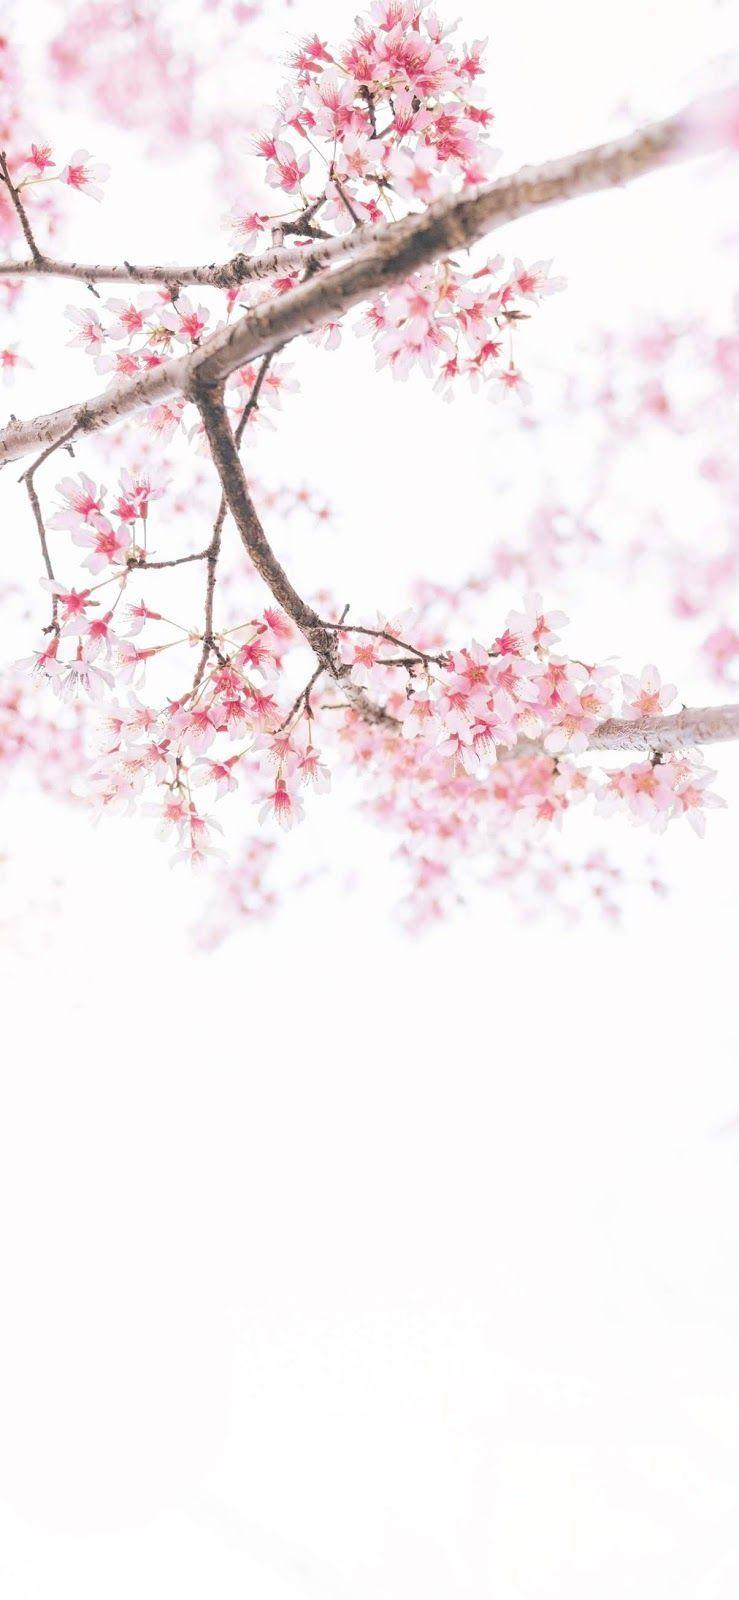 Cherry Blossom Wallpaper Iphone Xs Max Cherry Blossom Wallpaper Cherry Blossom Wallpaper Iphone Beautiful Wallpapers Attractive iphone xs max wallpaper girly